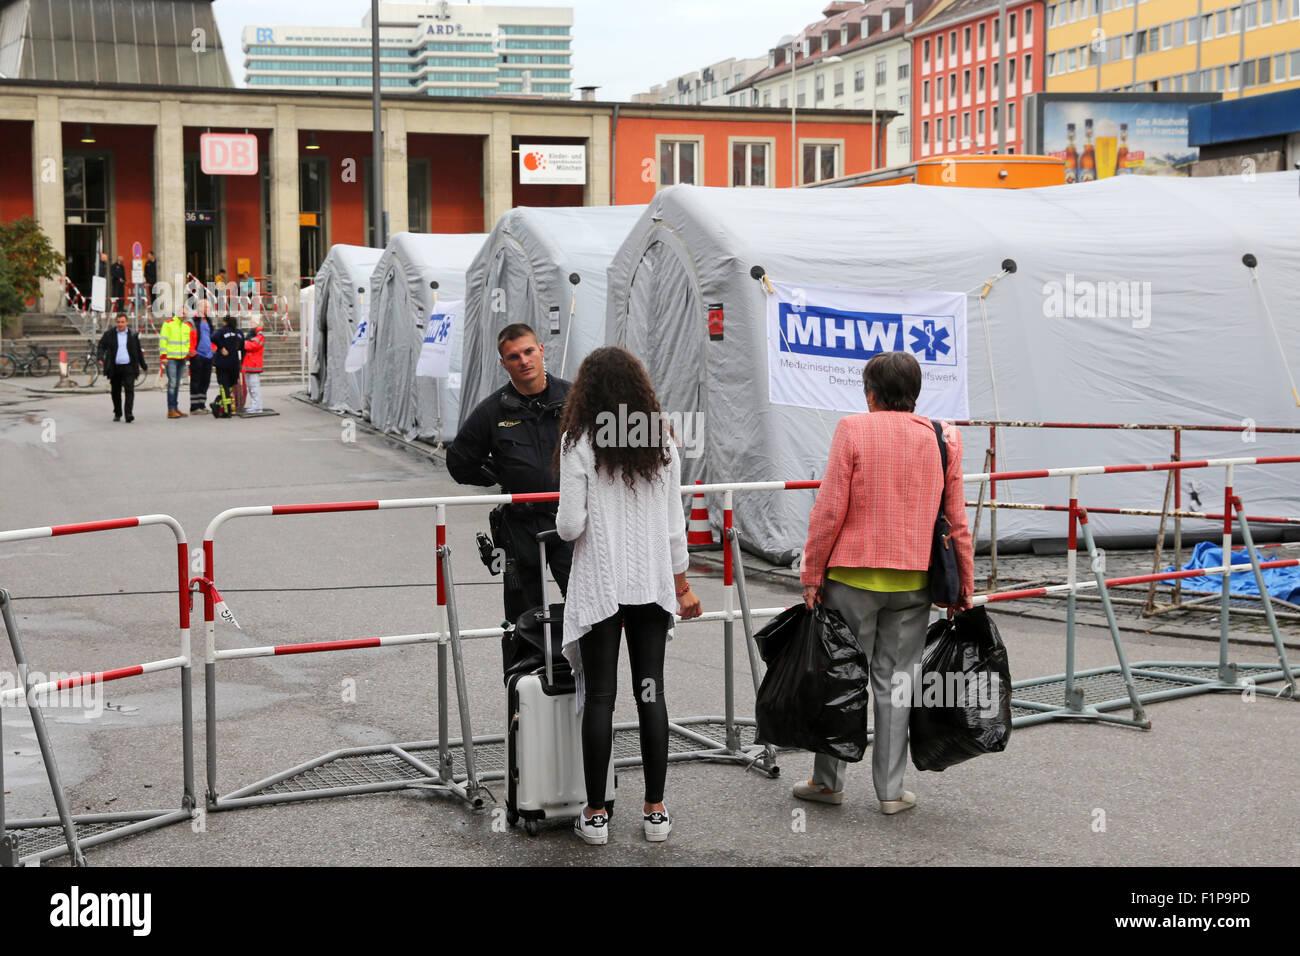 Carpas para el tratamiento médico de los migrantes procedentes de Afganistán que llegan en tren desde Budapest y Hungría en Munich Hauptbahnhof, la estación principal de trenes en Munich, Alemania. Miles de migrantes están viajando a Alemania a través de Turquía, Grecia, Montenegro, Serbia, Hungría y Austria. Foto de stock